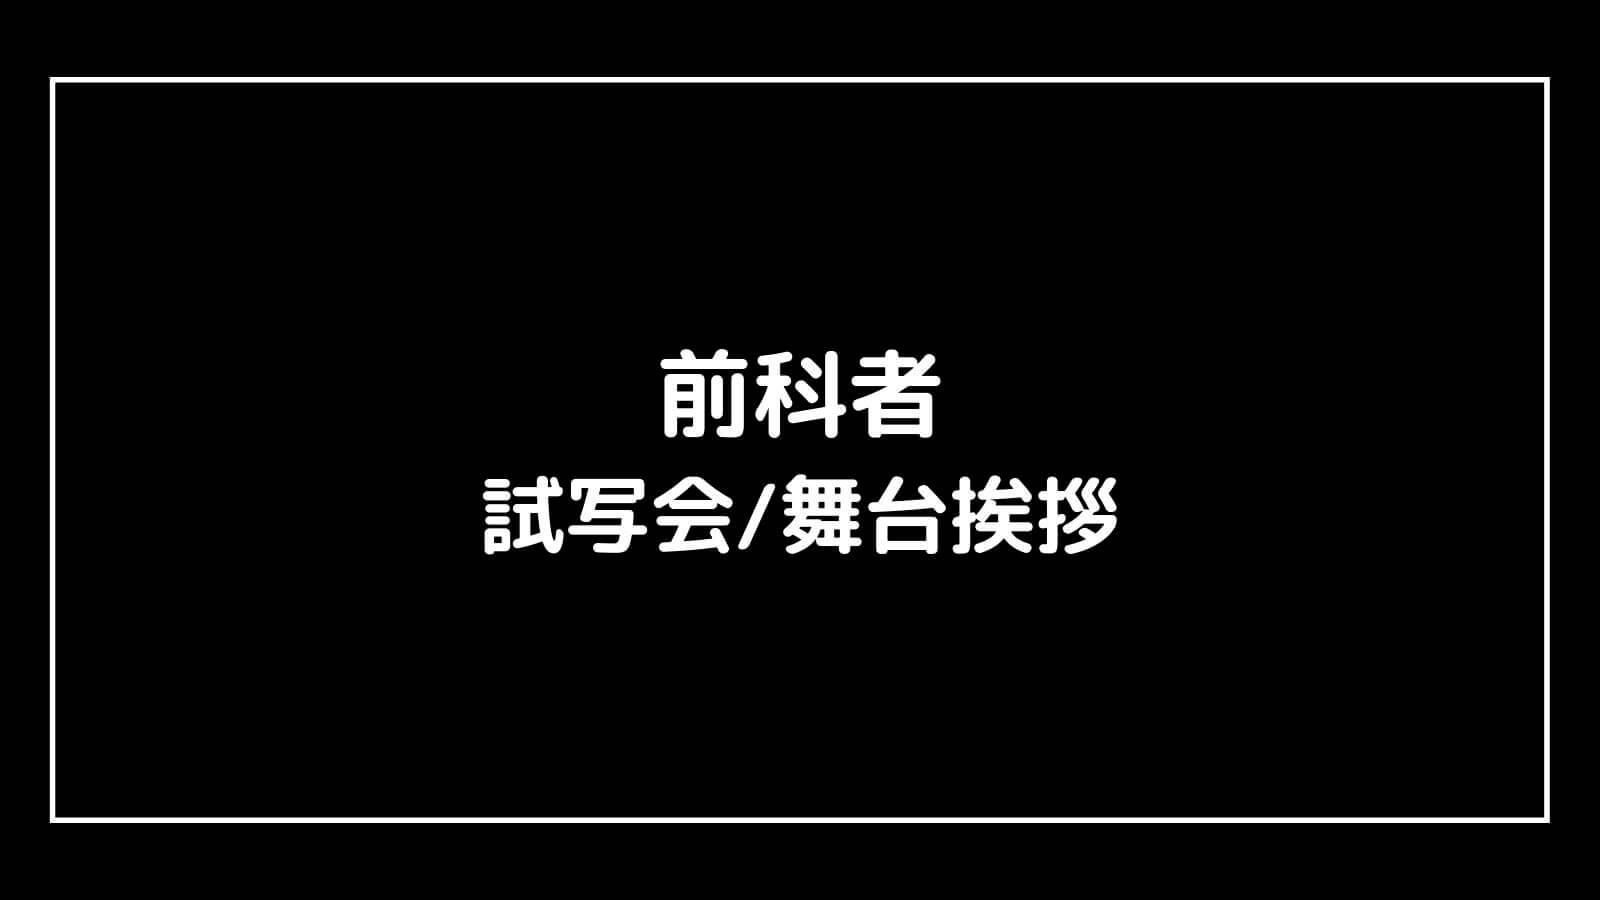 映画『前科者』の試写会と舞台挨拶ライブビューイング情報